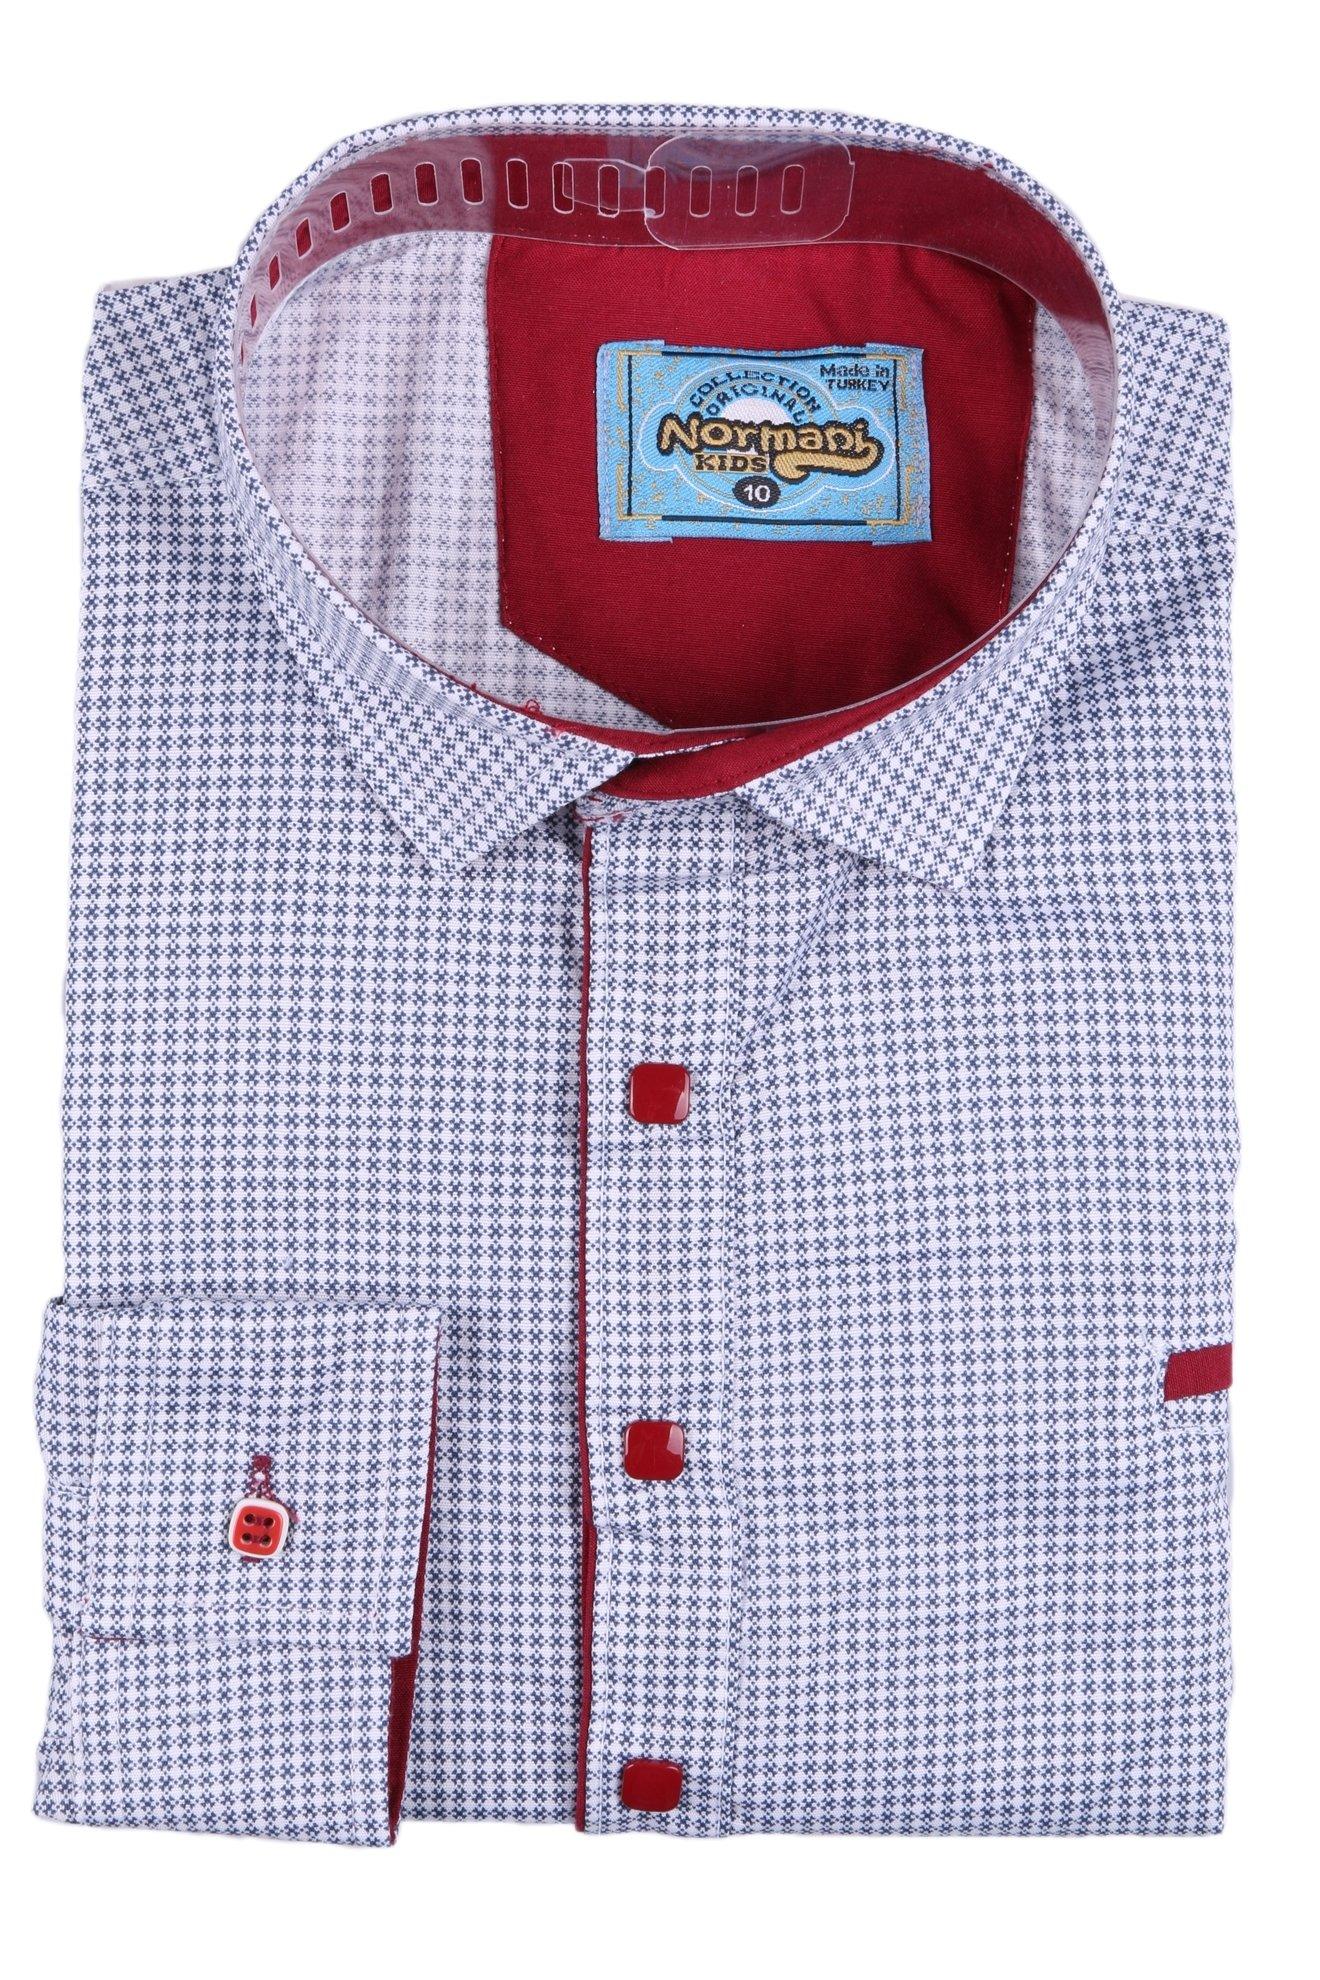 Комбинированная детская рубашка в мелкий узор, длинный рукав (Арт. TB 2628)